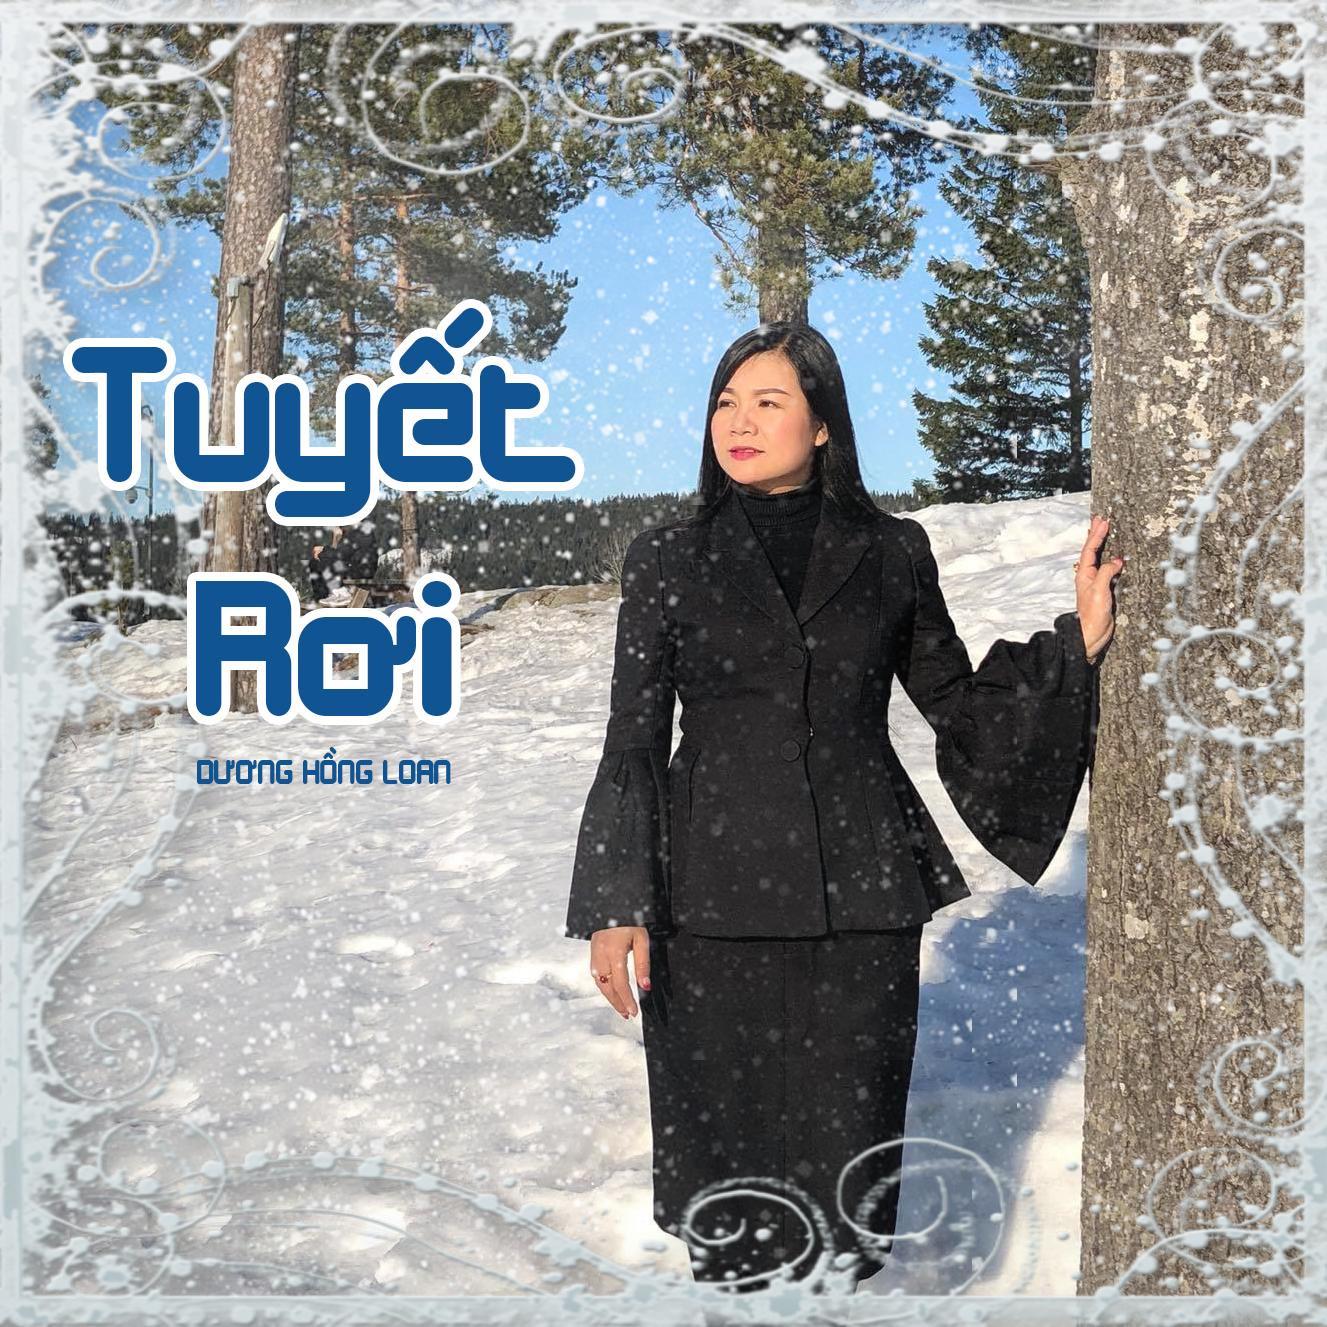 Tuyết Rơi (Single) - Dương Hồng Loan